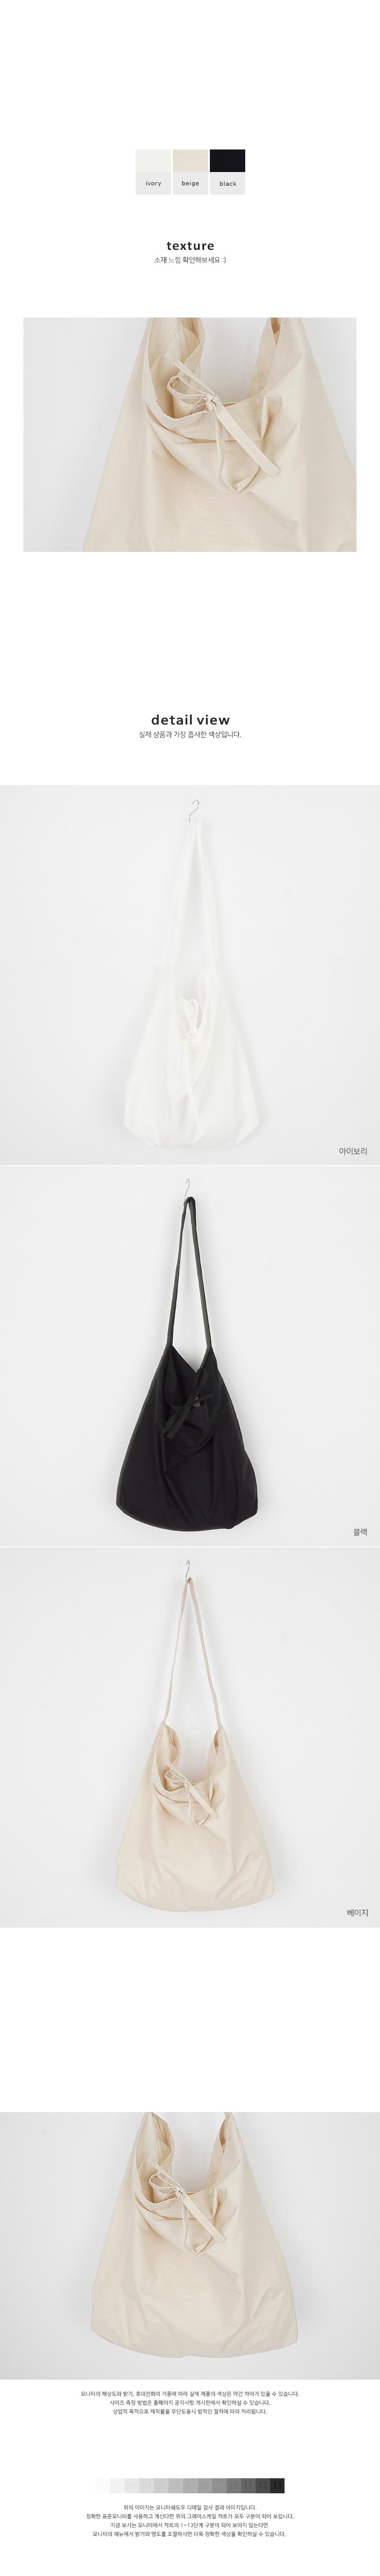 Basrock Eco Bag